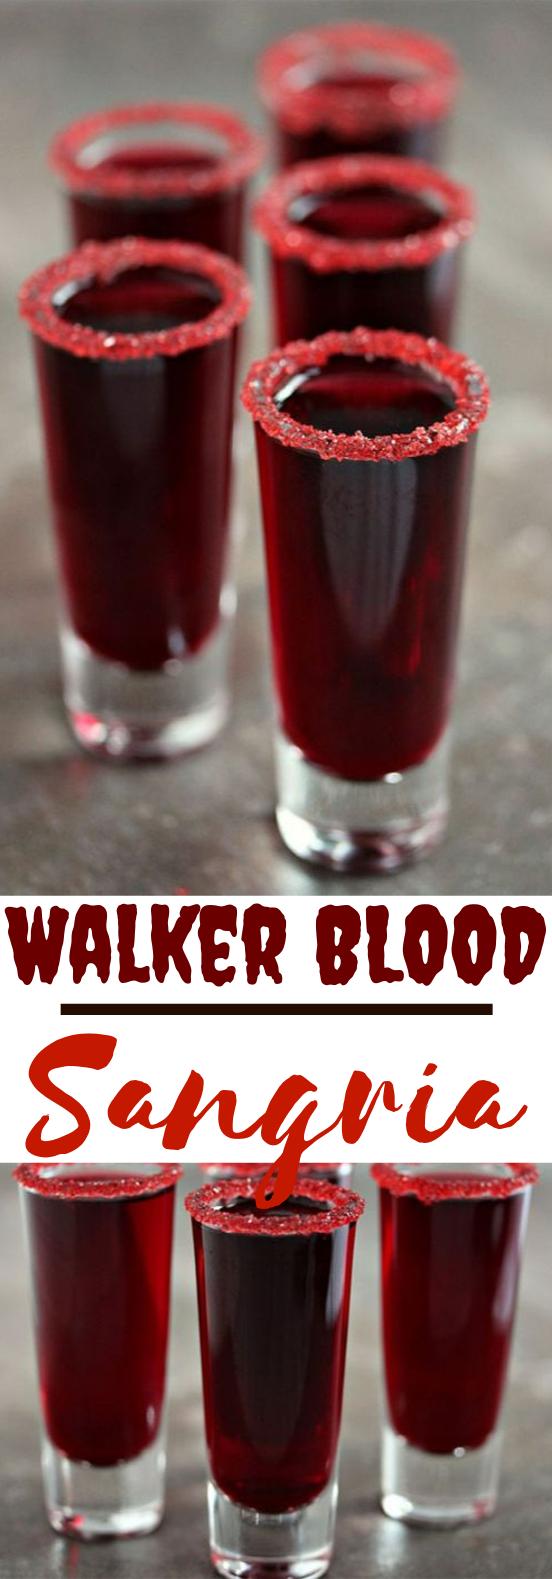 Walker Blood Sangria #drinks #alcohol #halloween #cocktails #beverages